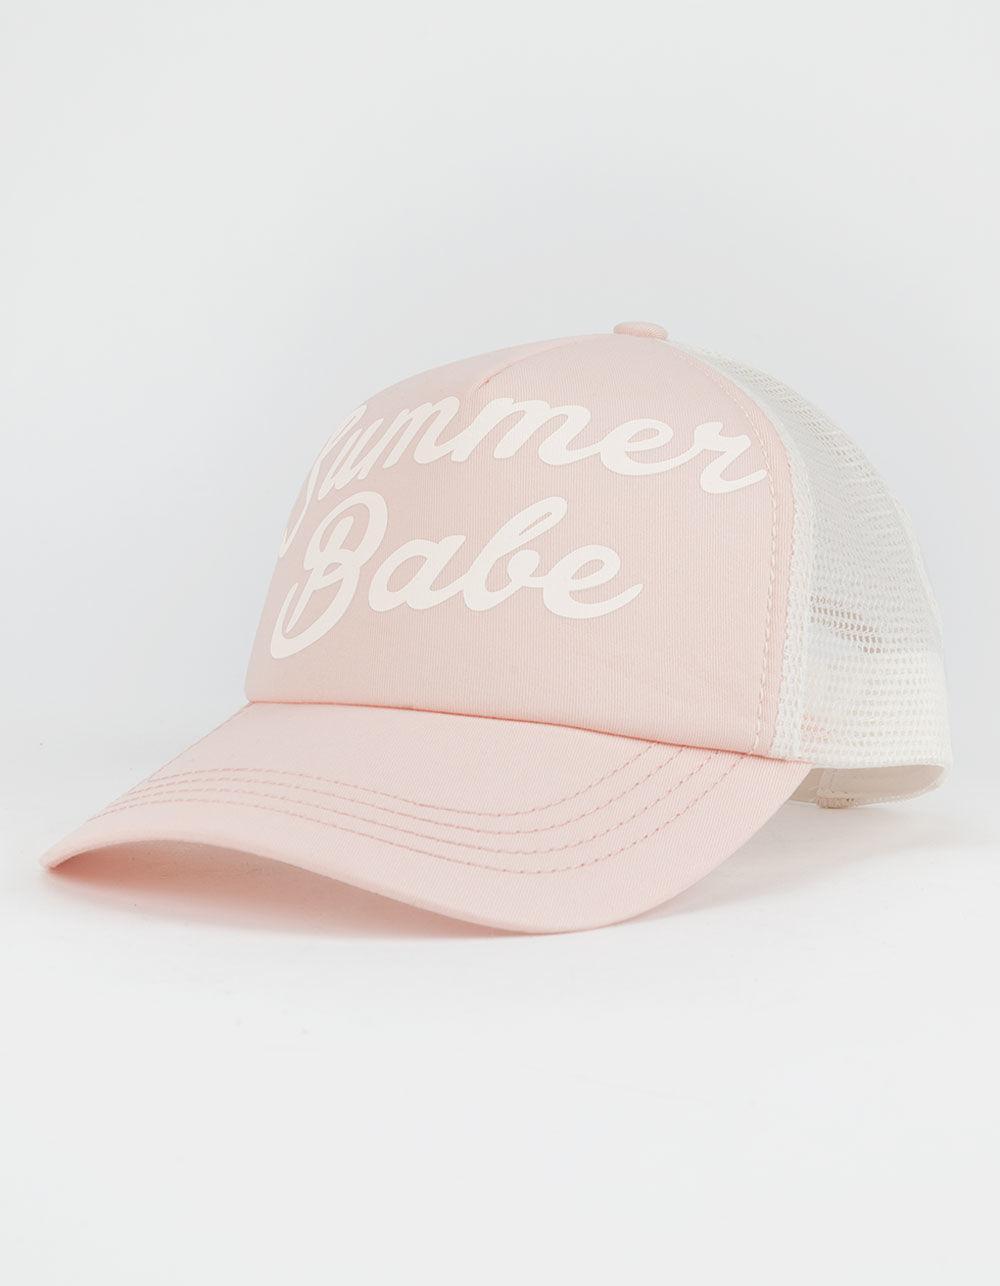 Lyst - Billabong Aloha Forever Womens Trucker Hat in Pink 0026cc4e27a3